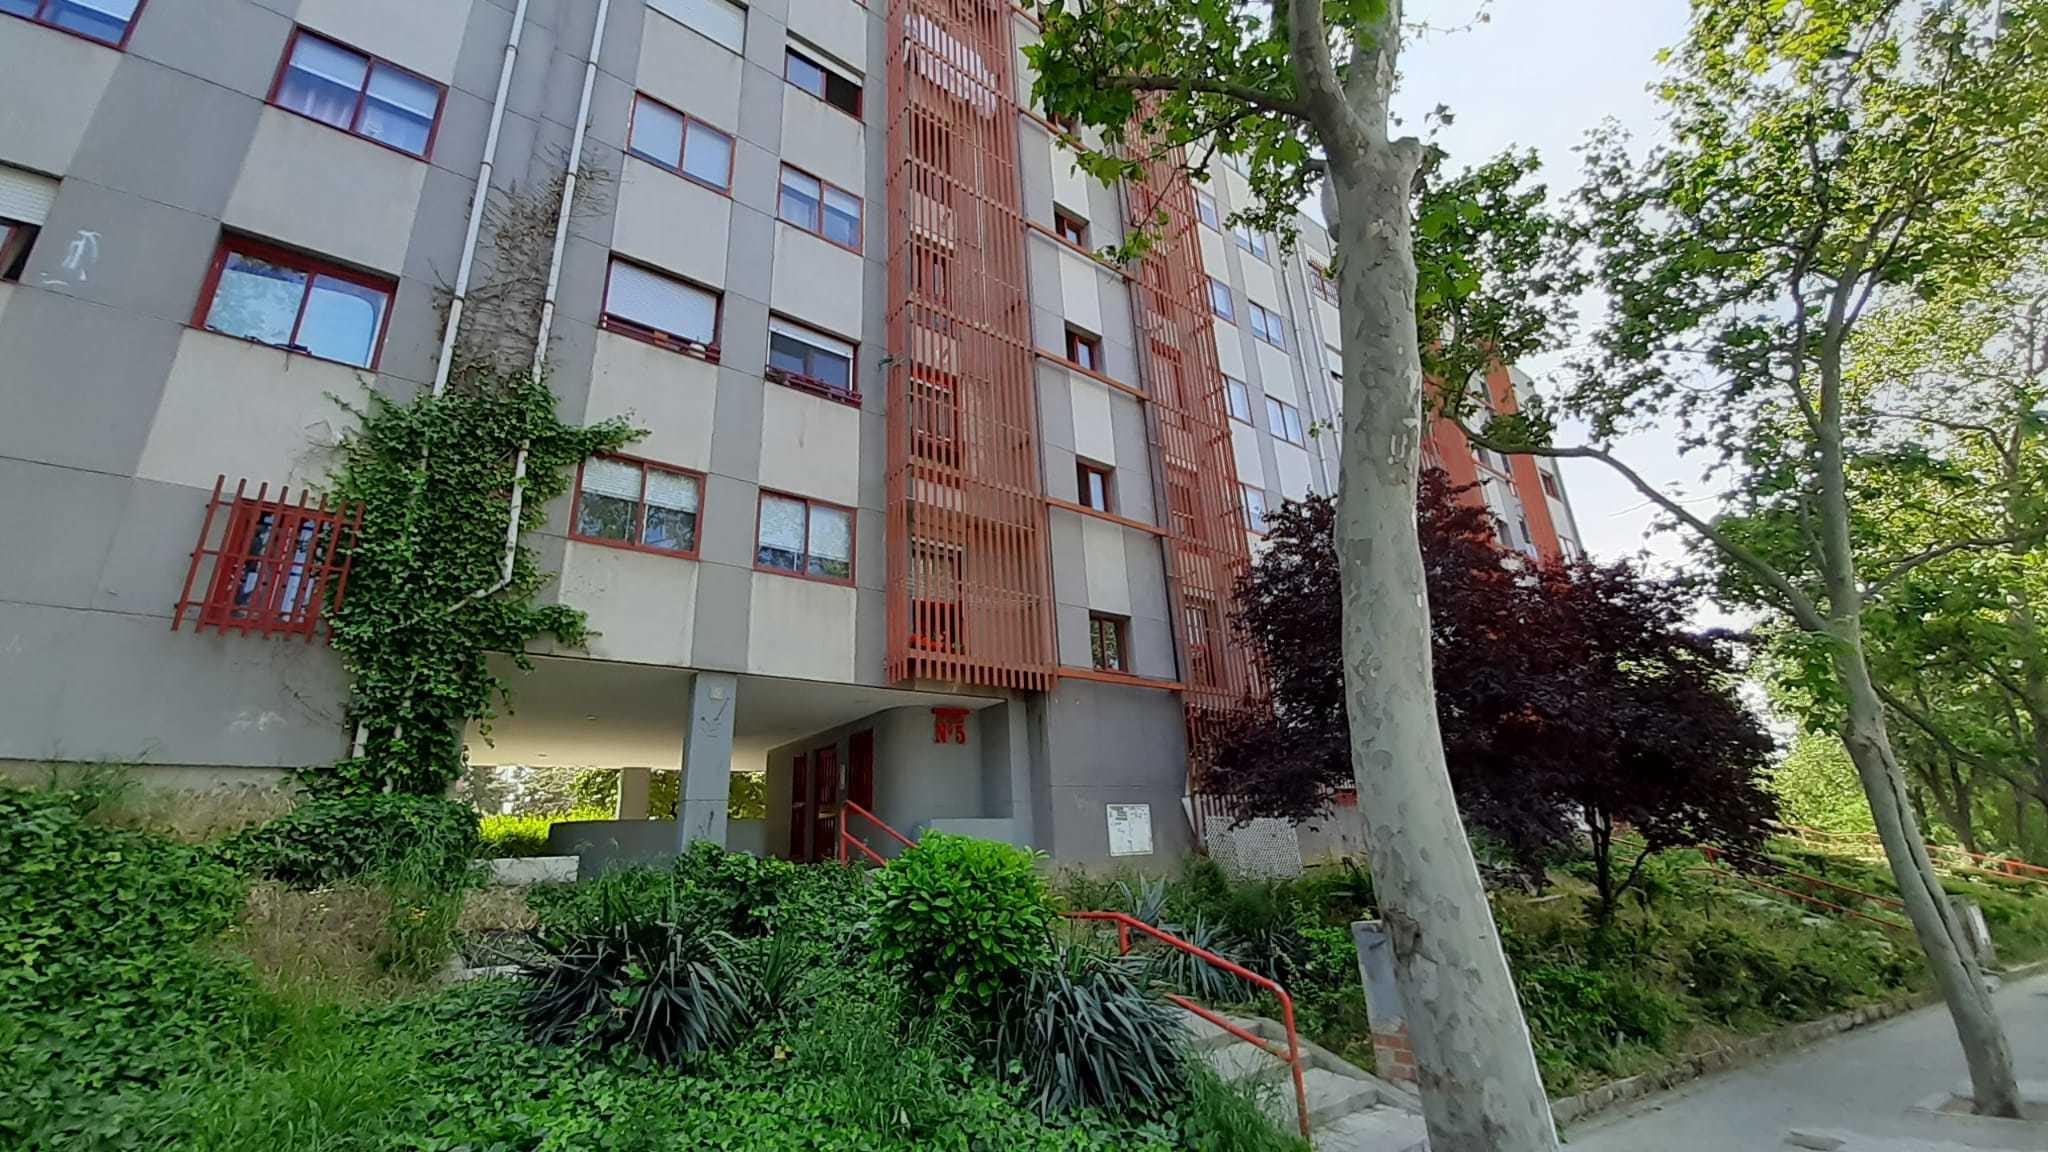 Fachada del edificio donde fue hallado el cadáver de la mujer.